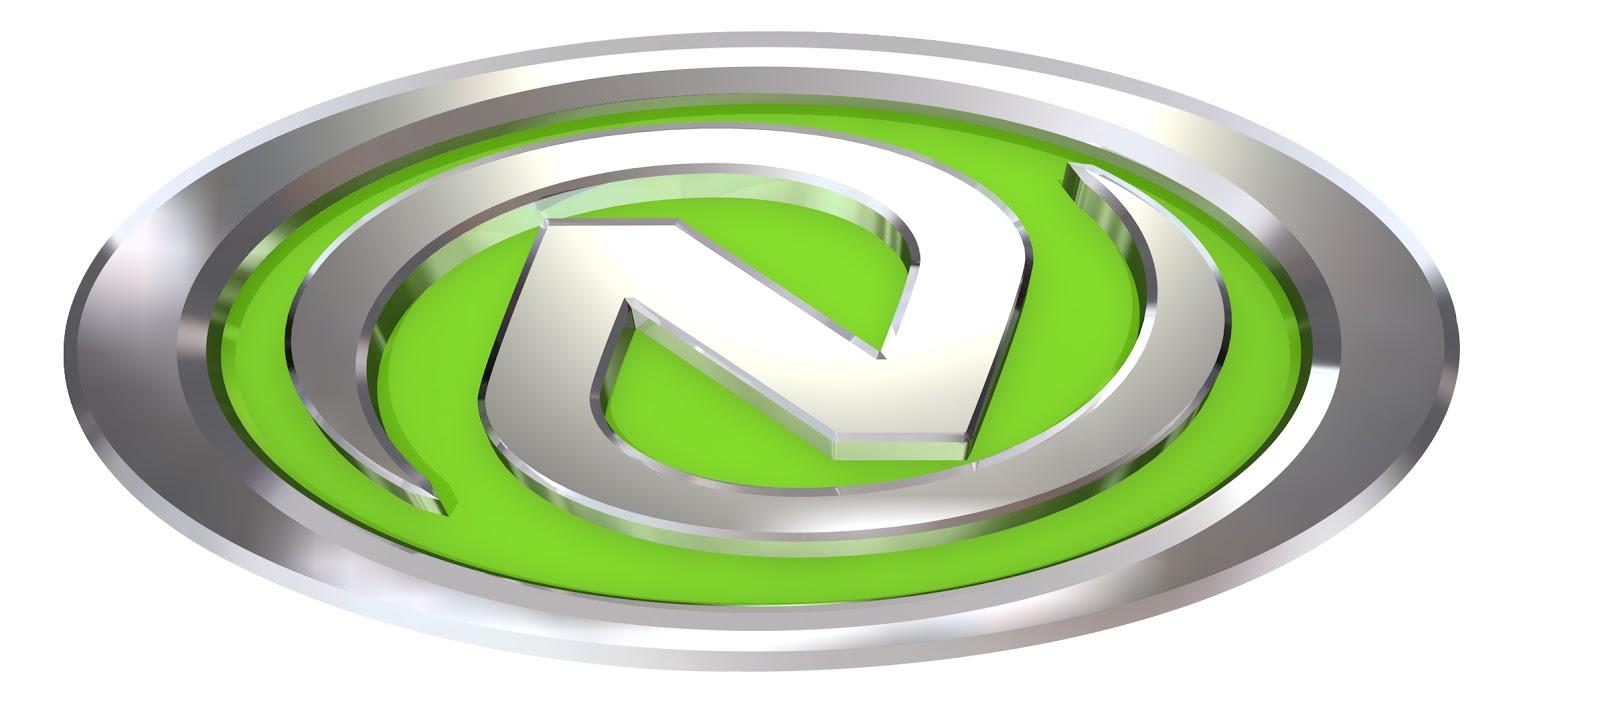 3d logos wallpap...Q Logo 3d